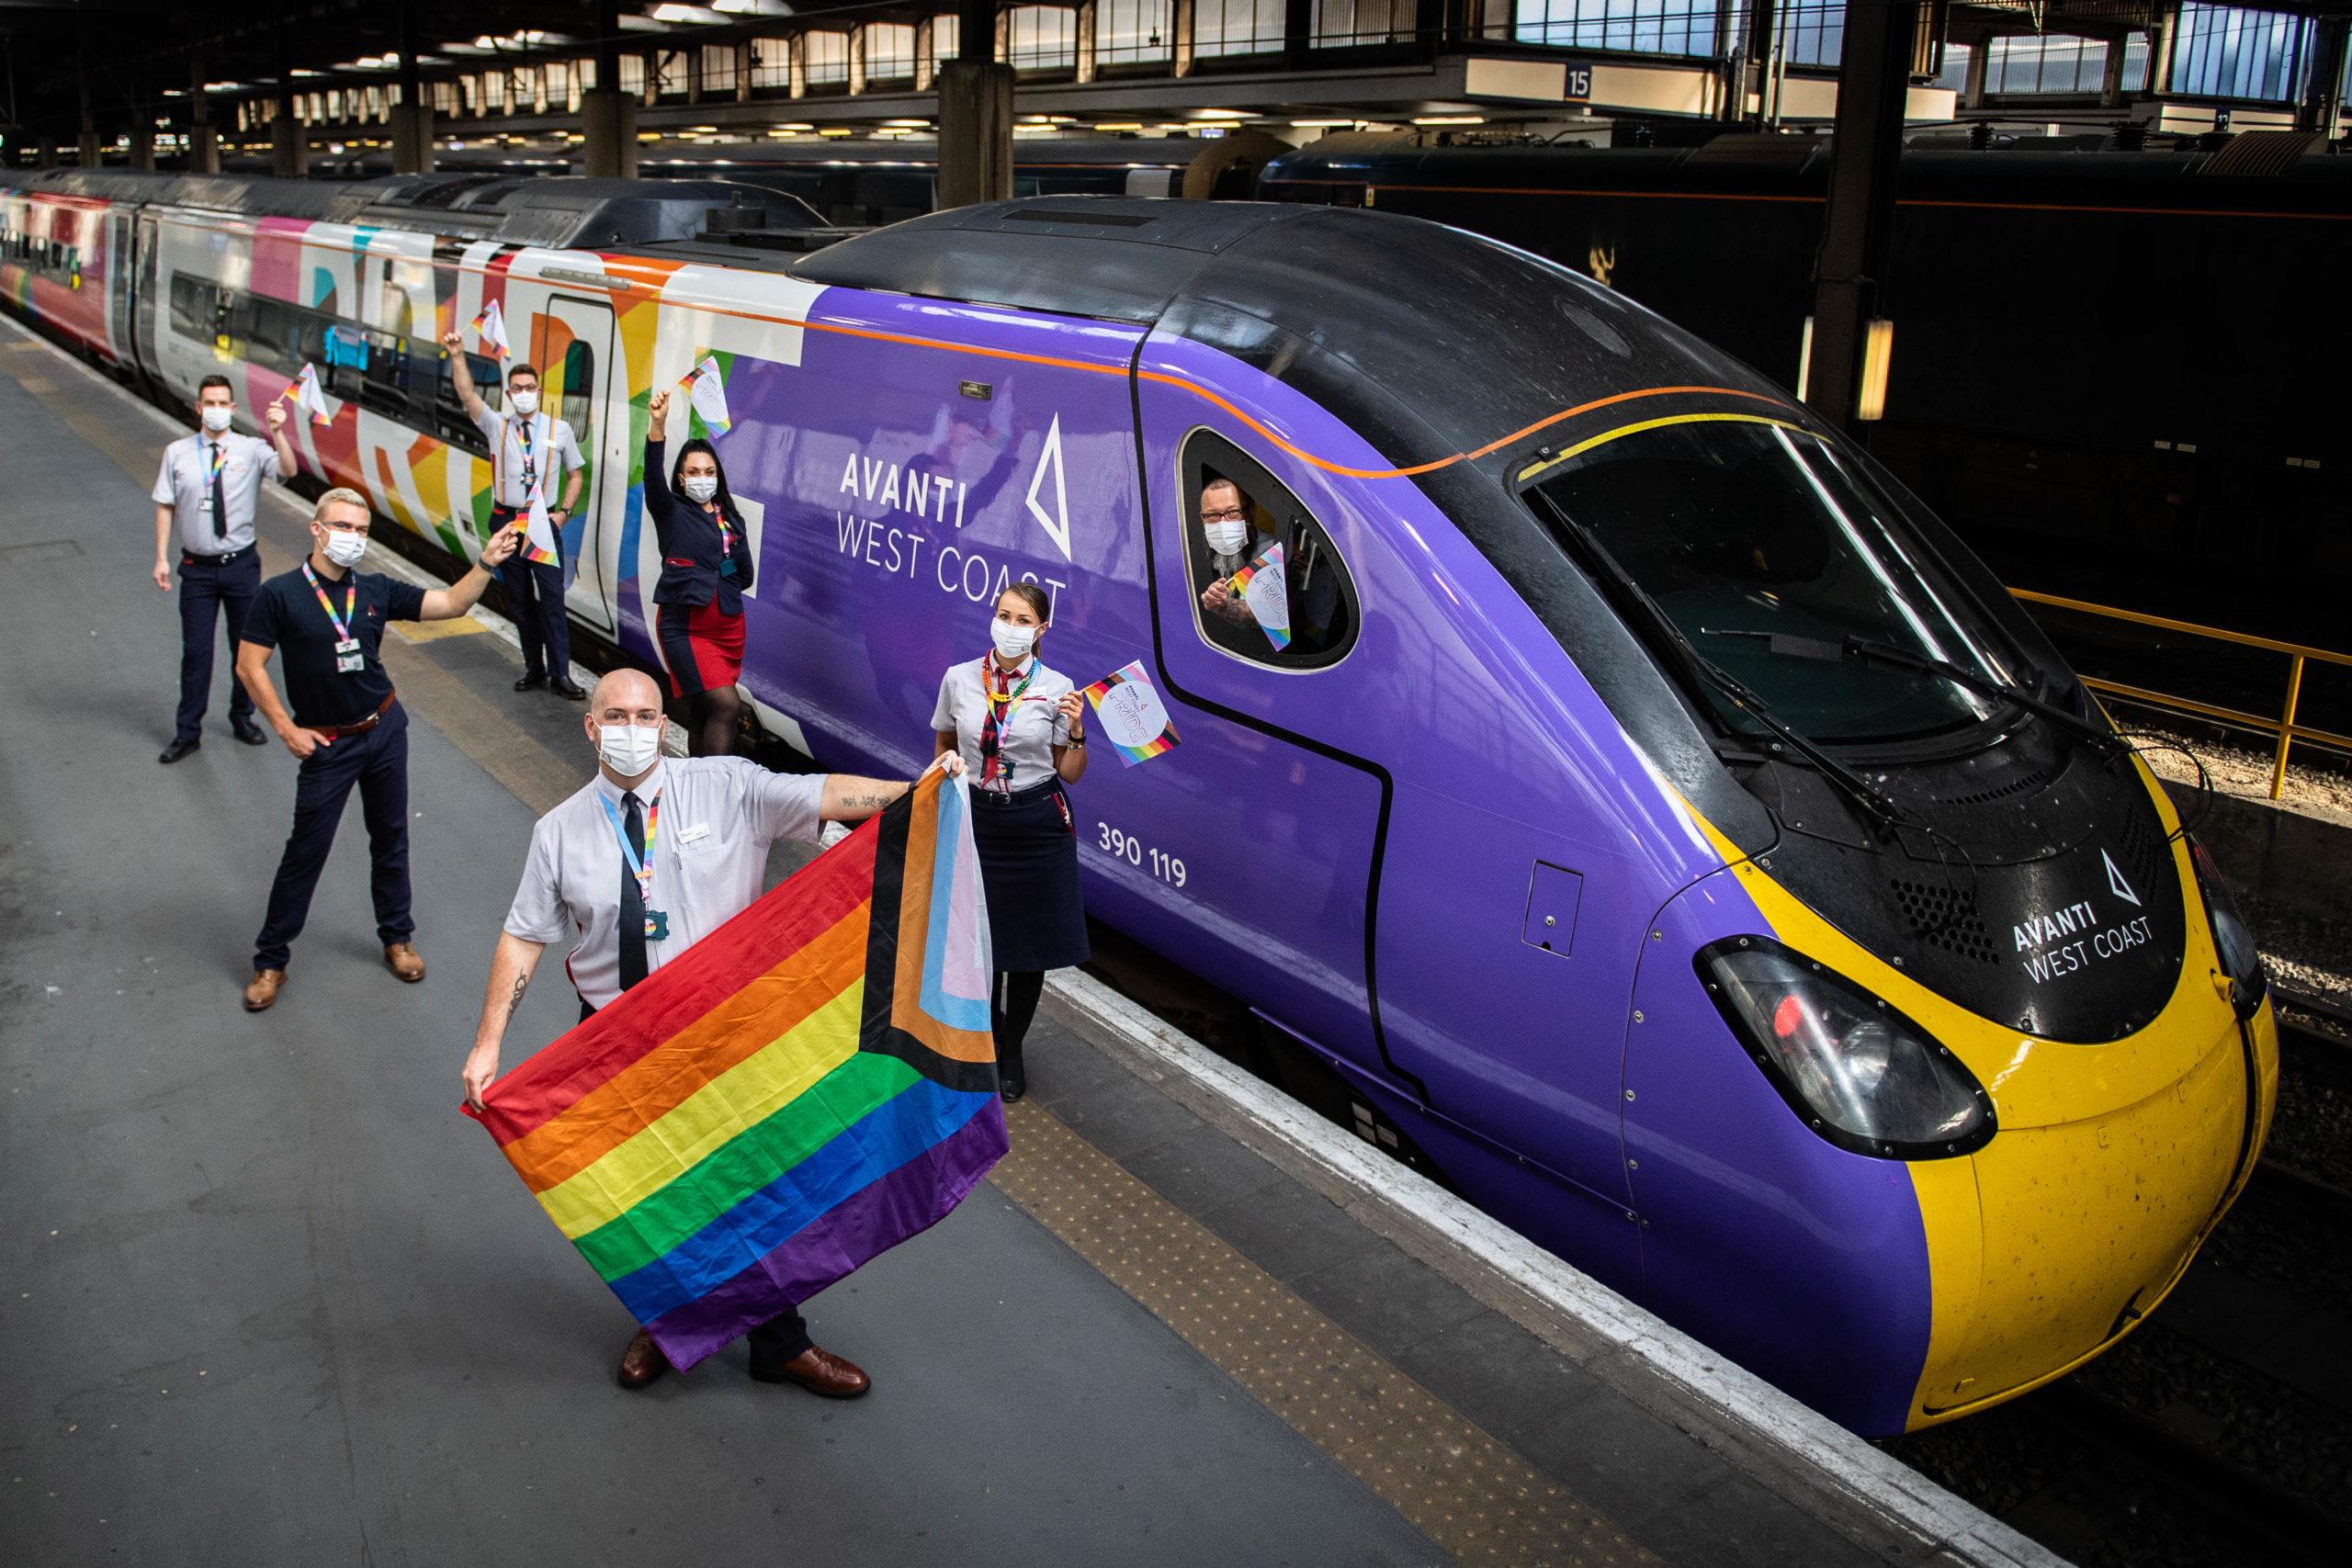 Le train a été agité par le personnel d'Avanti West Coast et des membres de la communauté LGBTQ + à Euston le mardi 25 août.